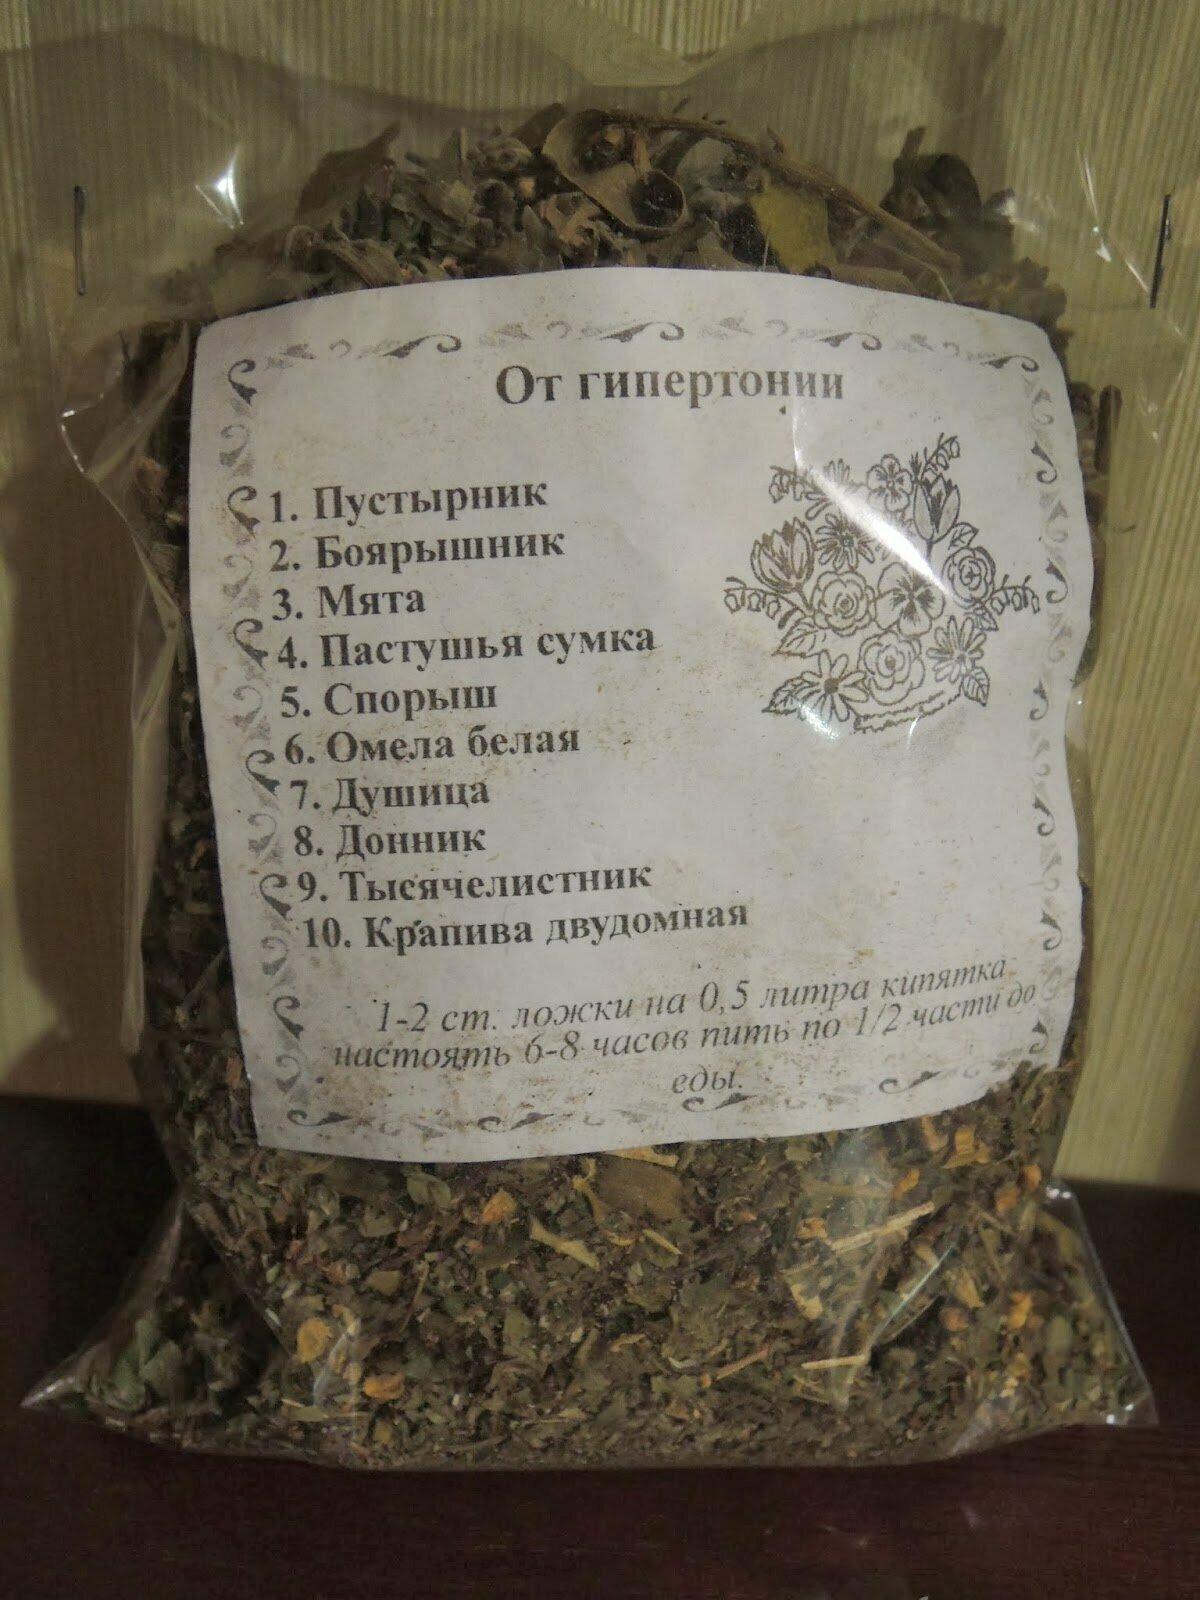 Монастырский сбор от гипертонии в Каменске-Уральском